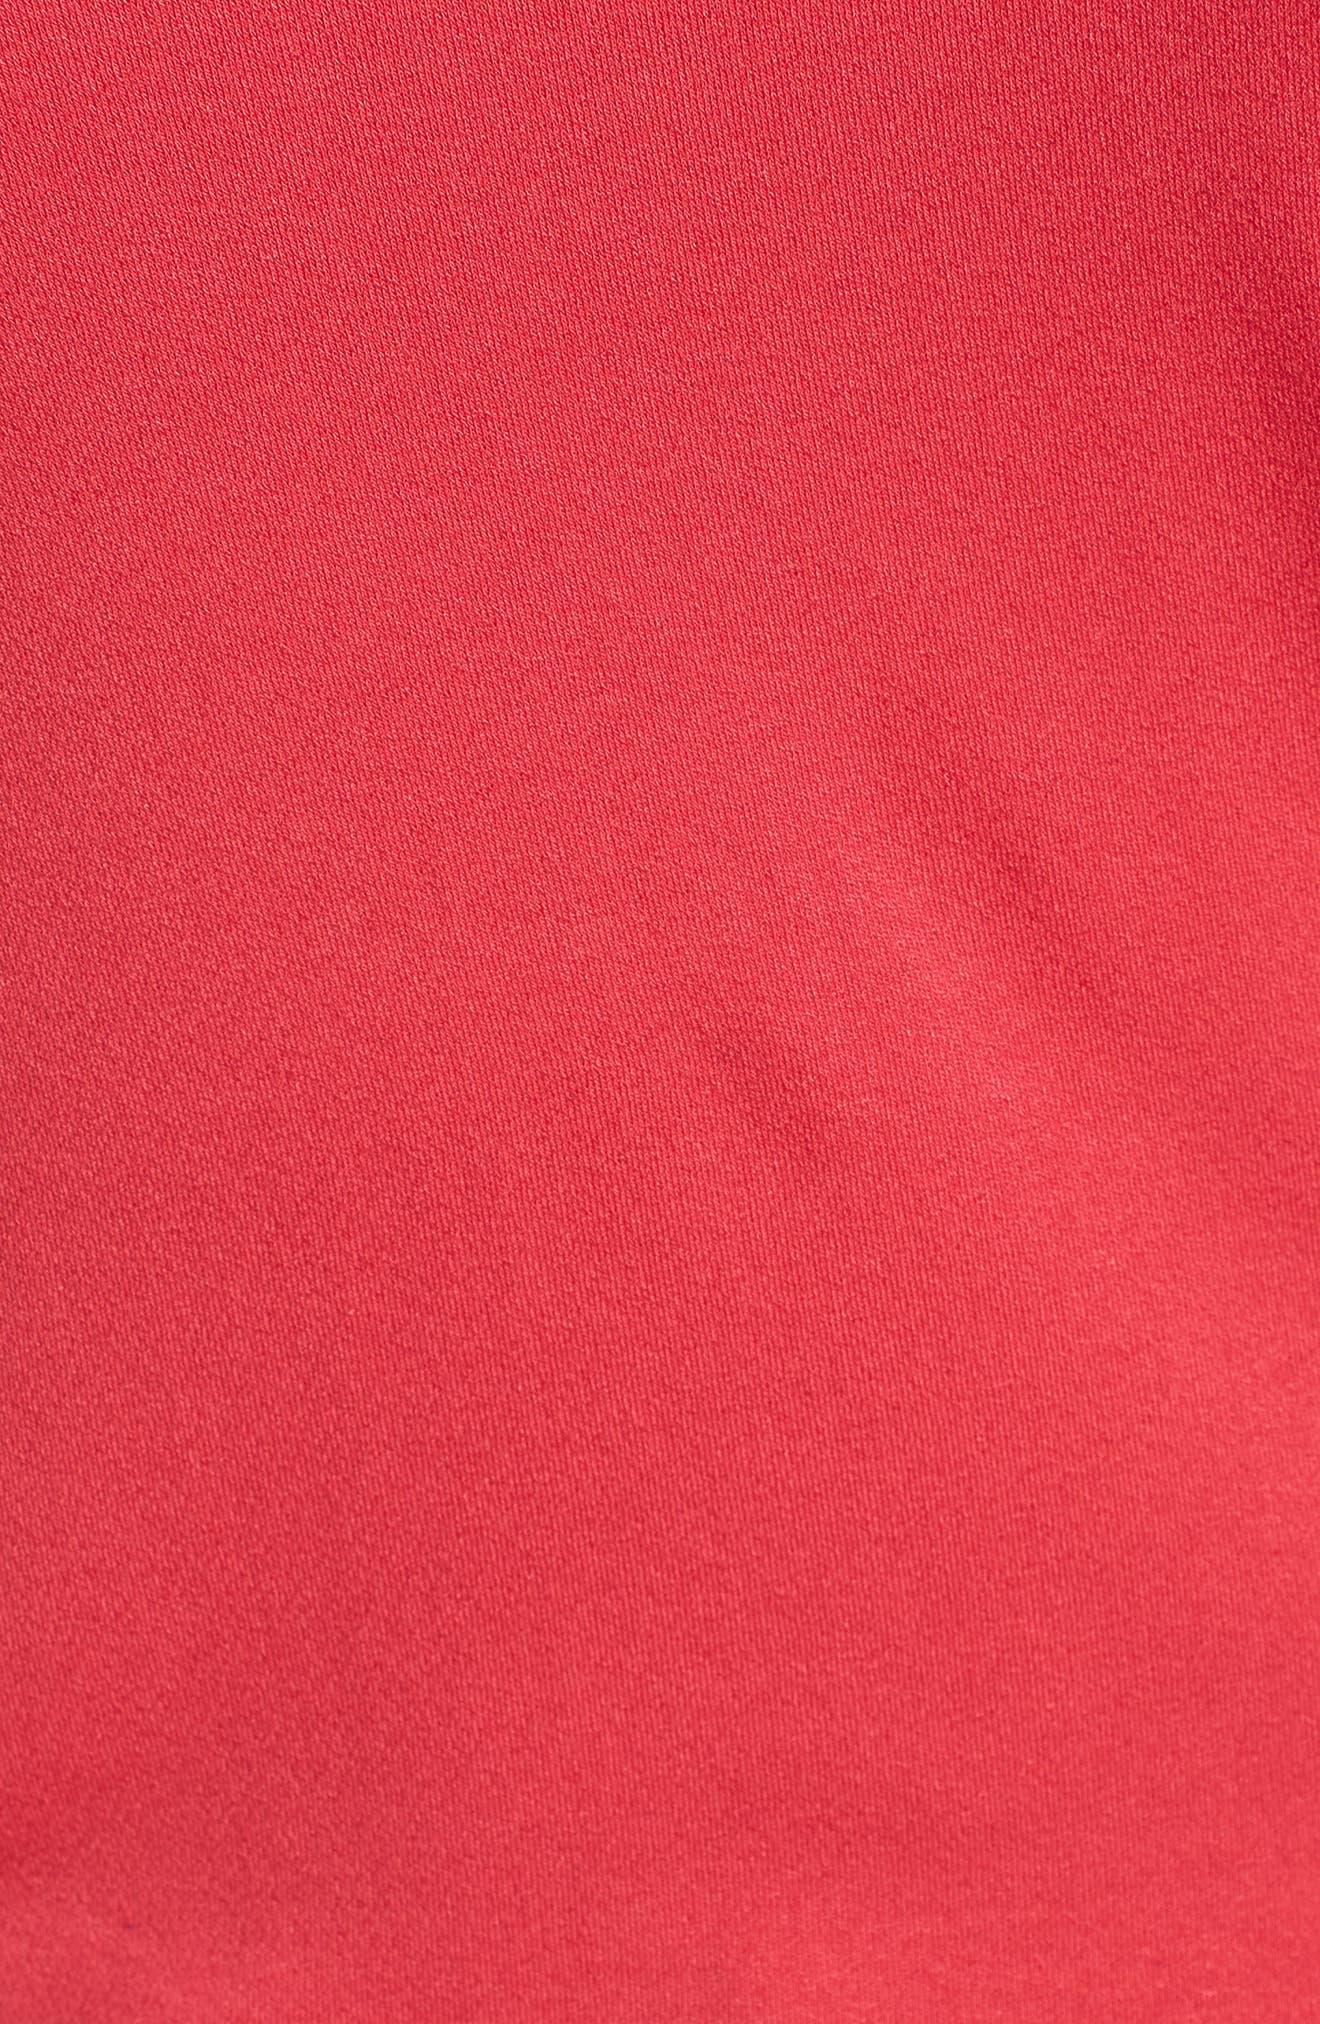 Faux Wrap Knit Top,                             Alternate thumbnail 6, color,                             Deep Coral